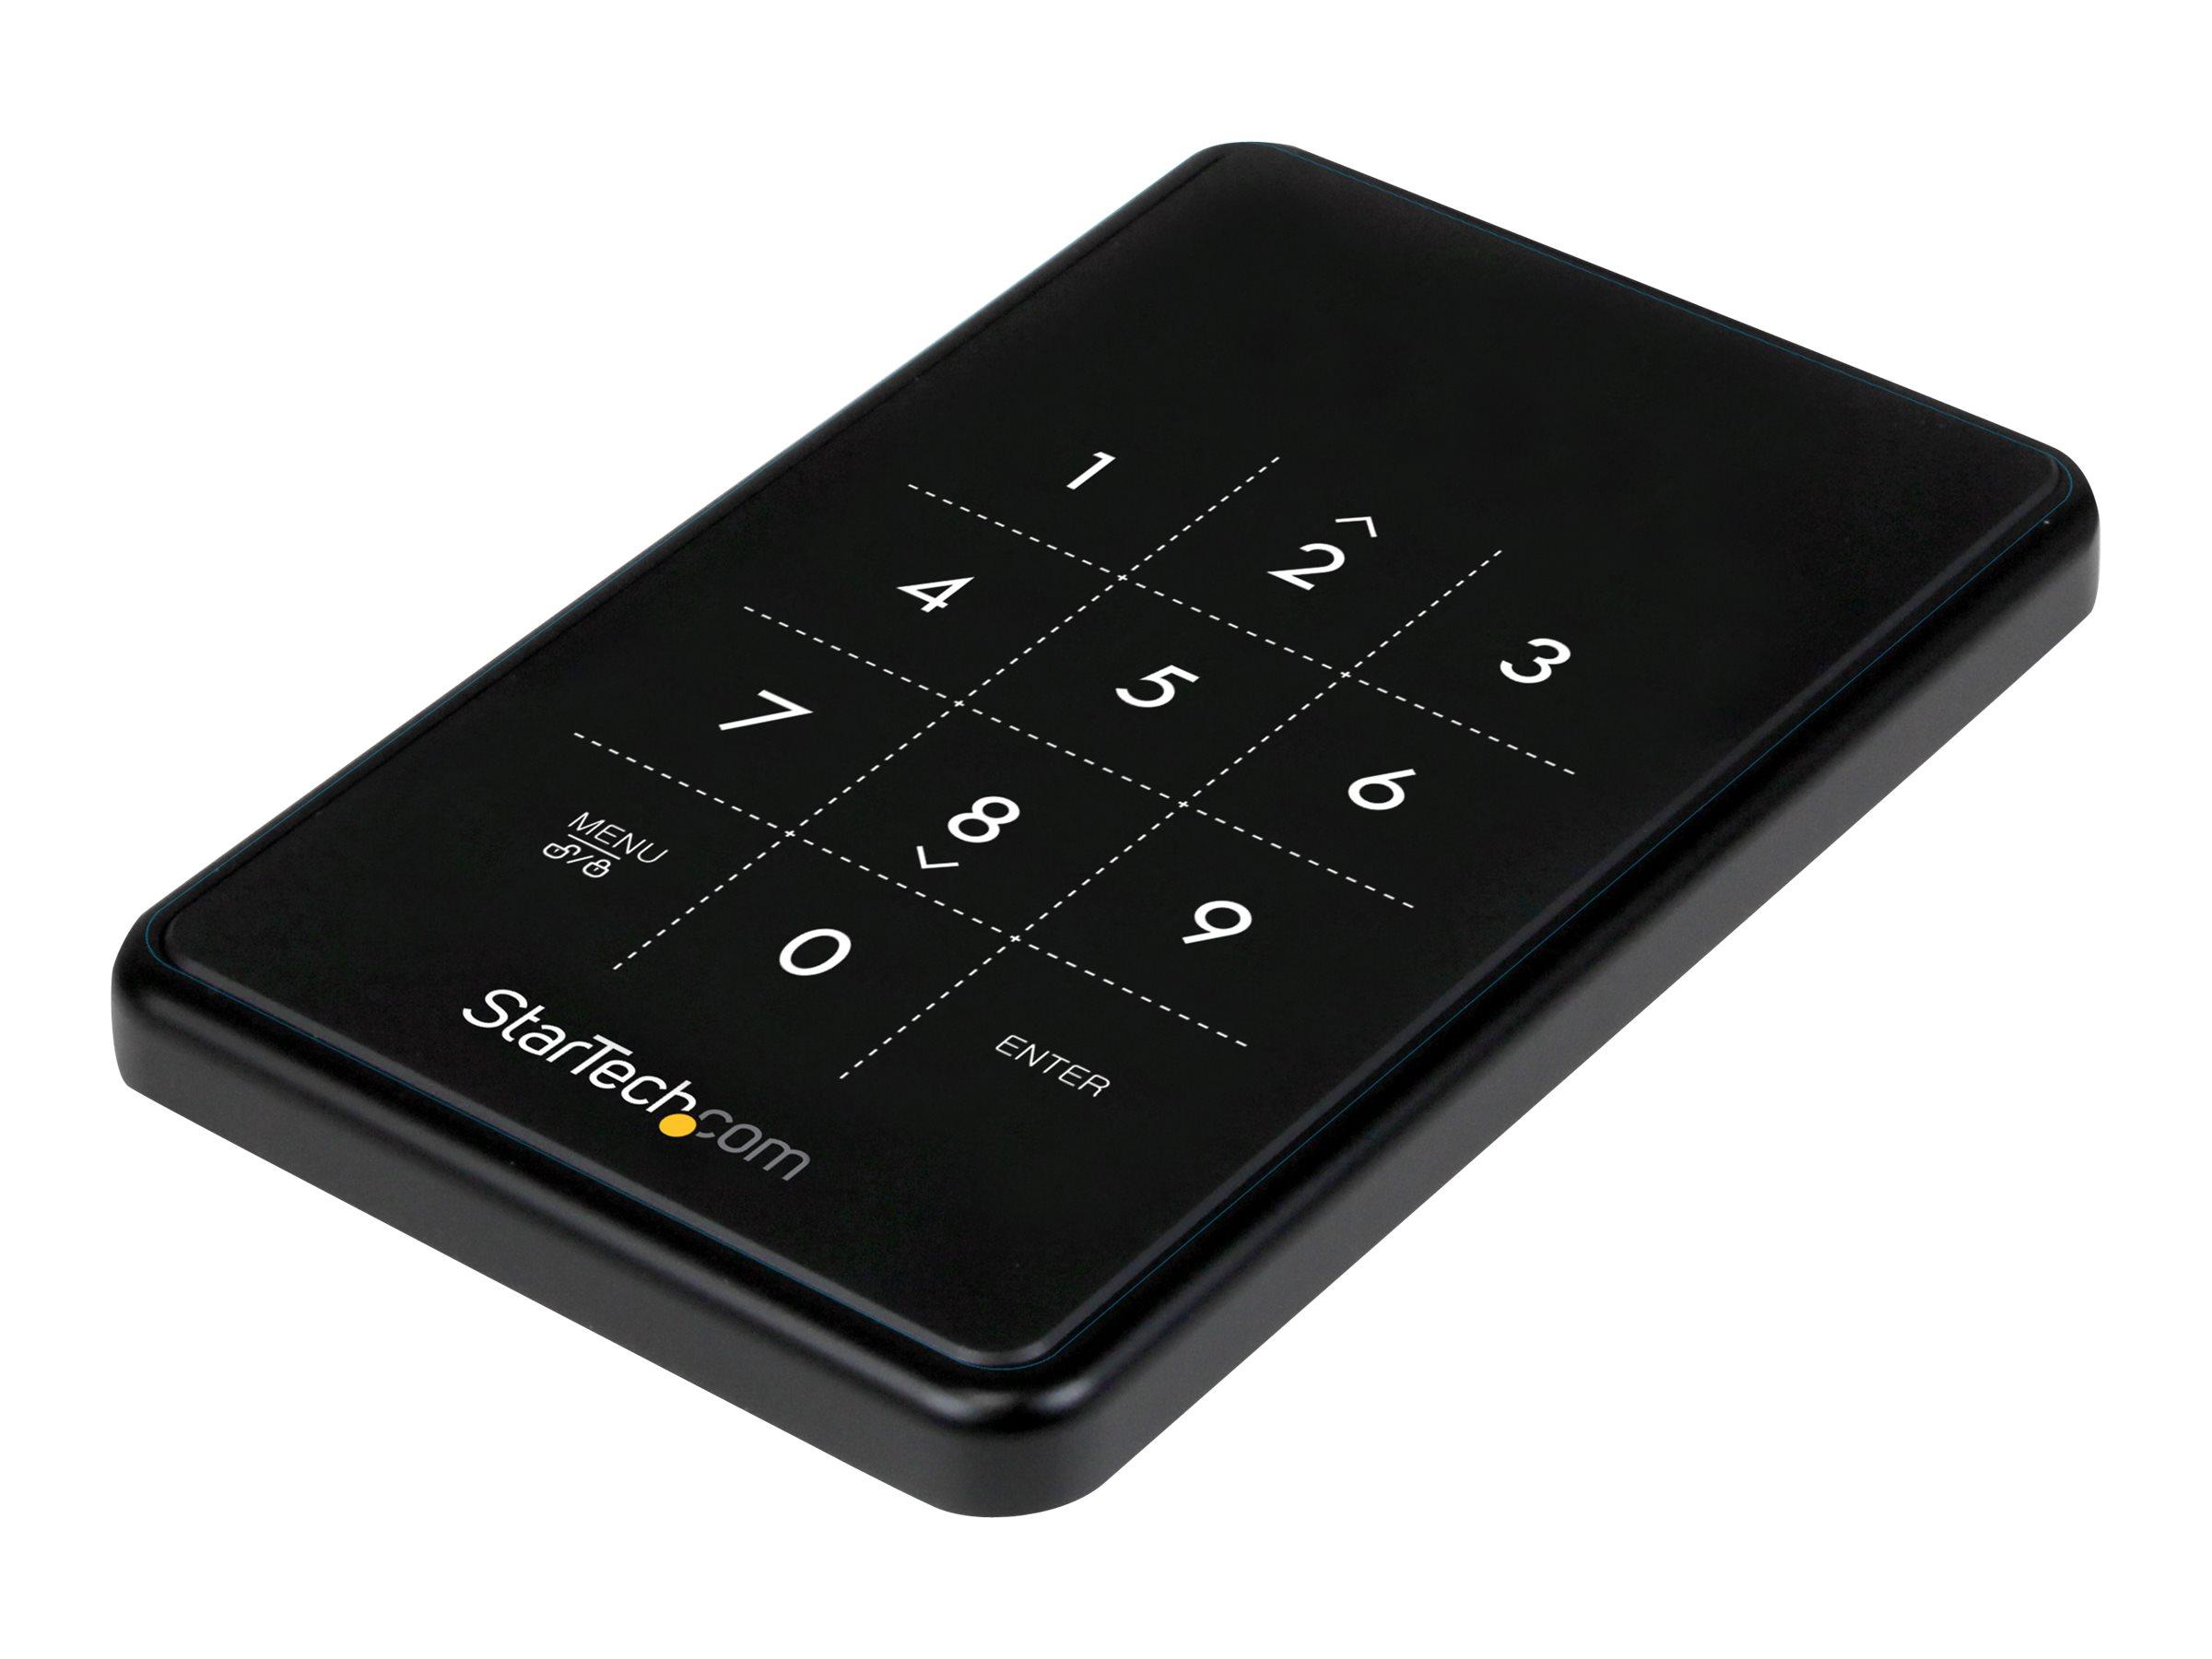 StarTech.com Verschlüsseltes externes USB 3.0 SATA III Festplattengehäuse - 2,5 HDD / SSD Gehäuse mit 256-bit Encryption - Speic